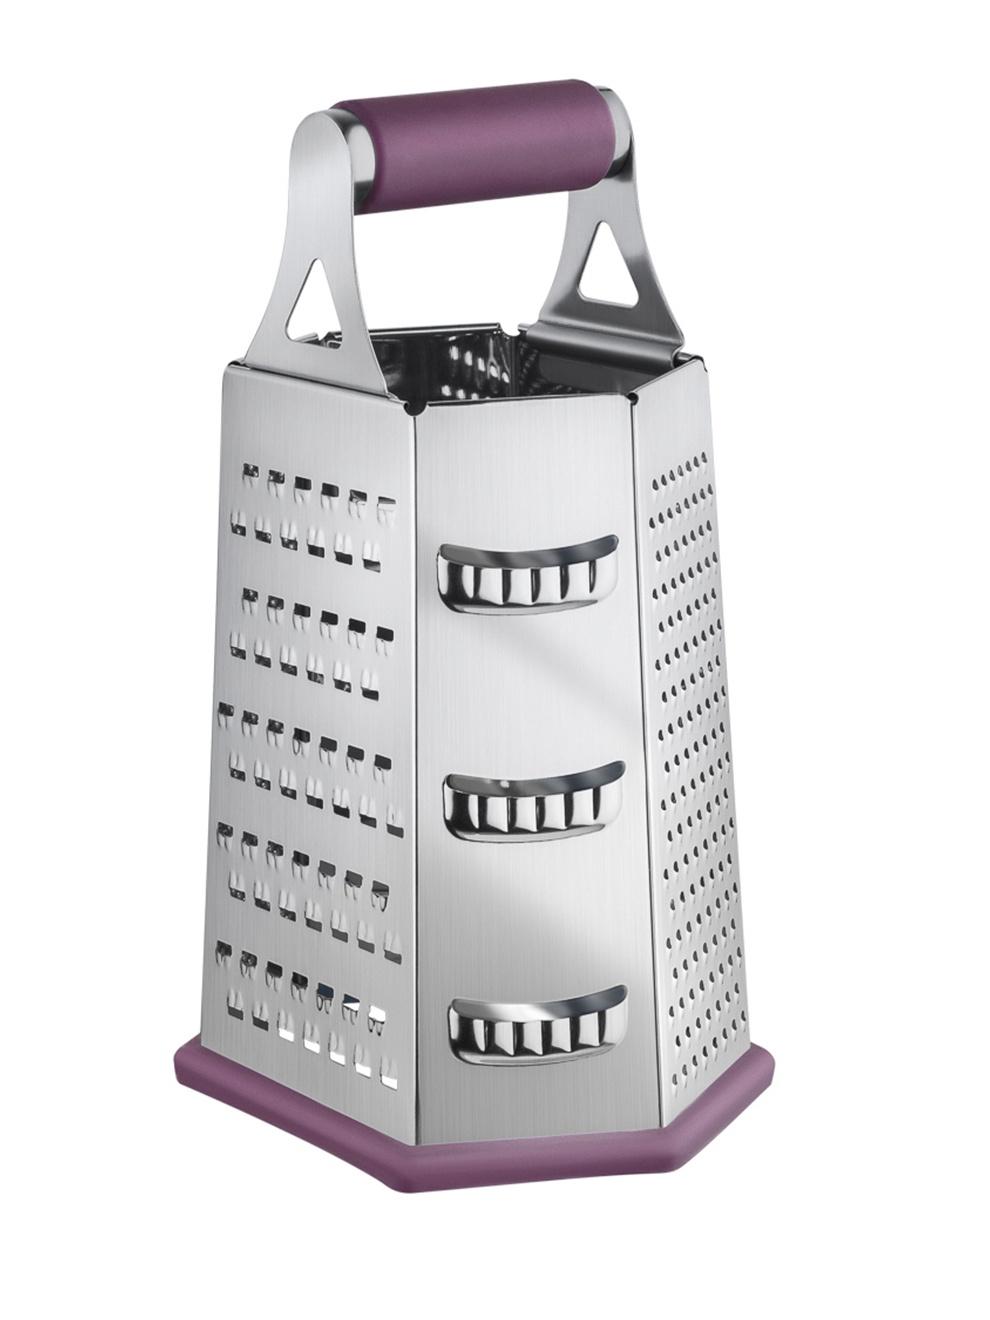 Терка Guffman Casa, фиолетовый терка шестисторонняя 13 13 23см нержавеющая сталь пластик упаковочный пакет